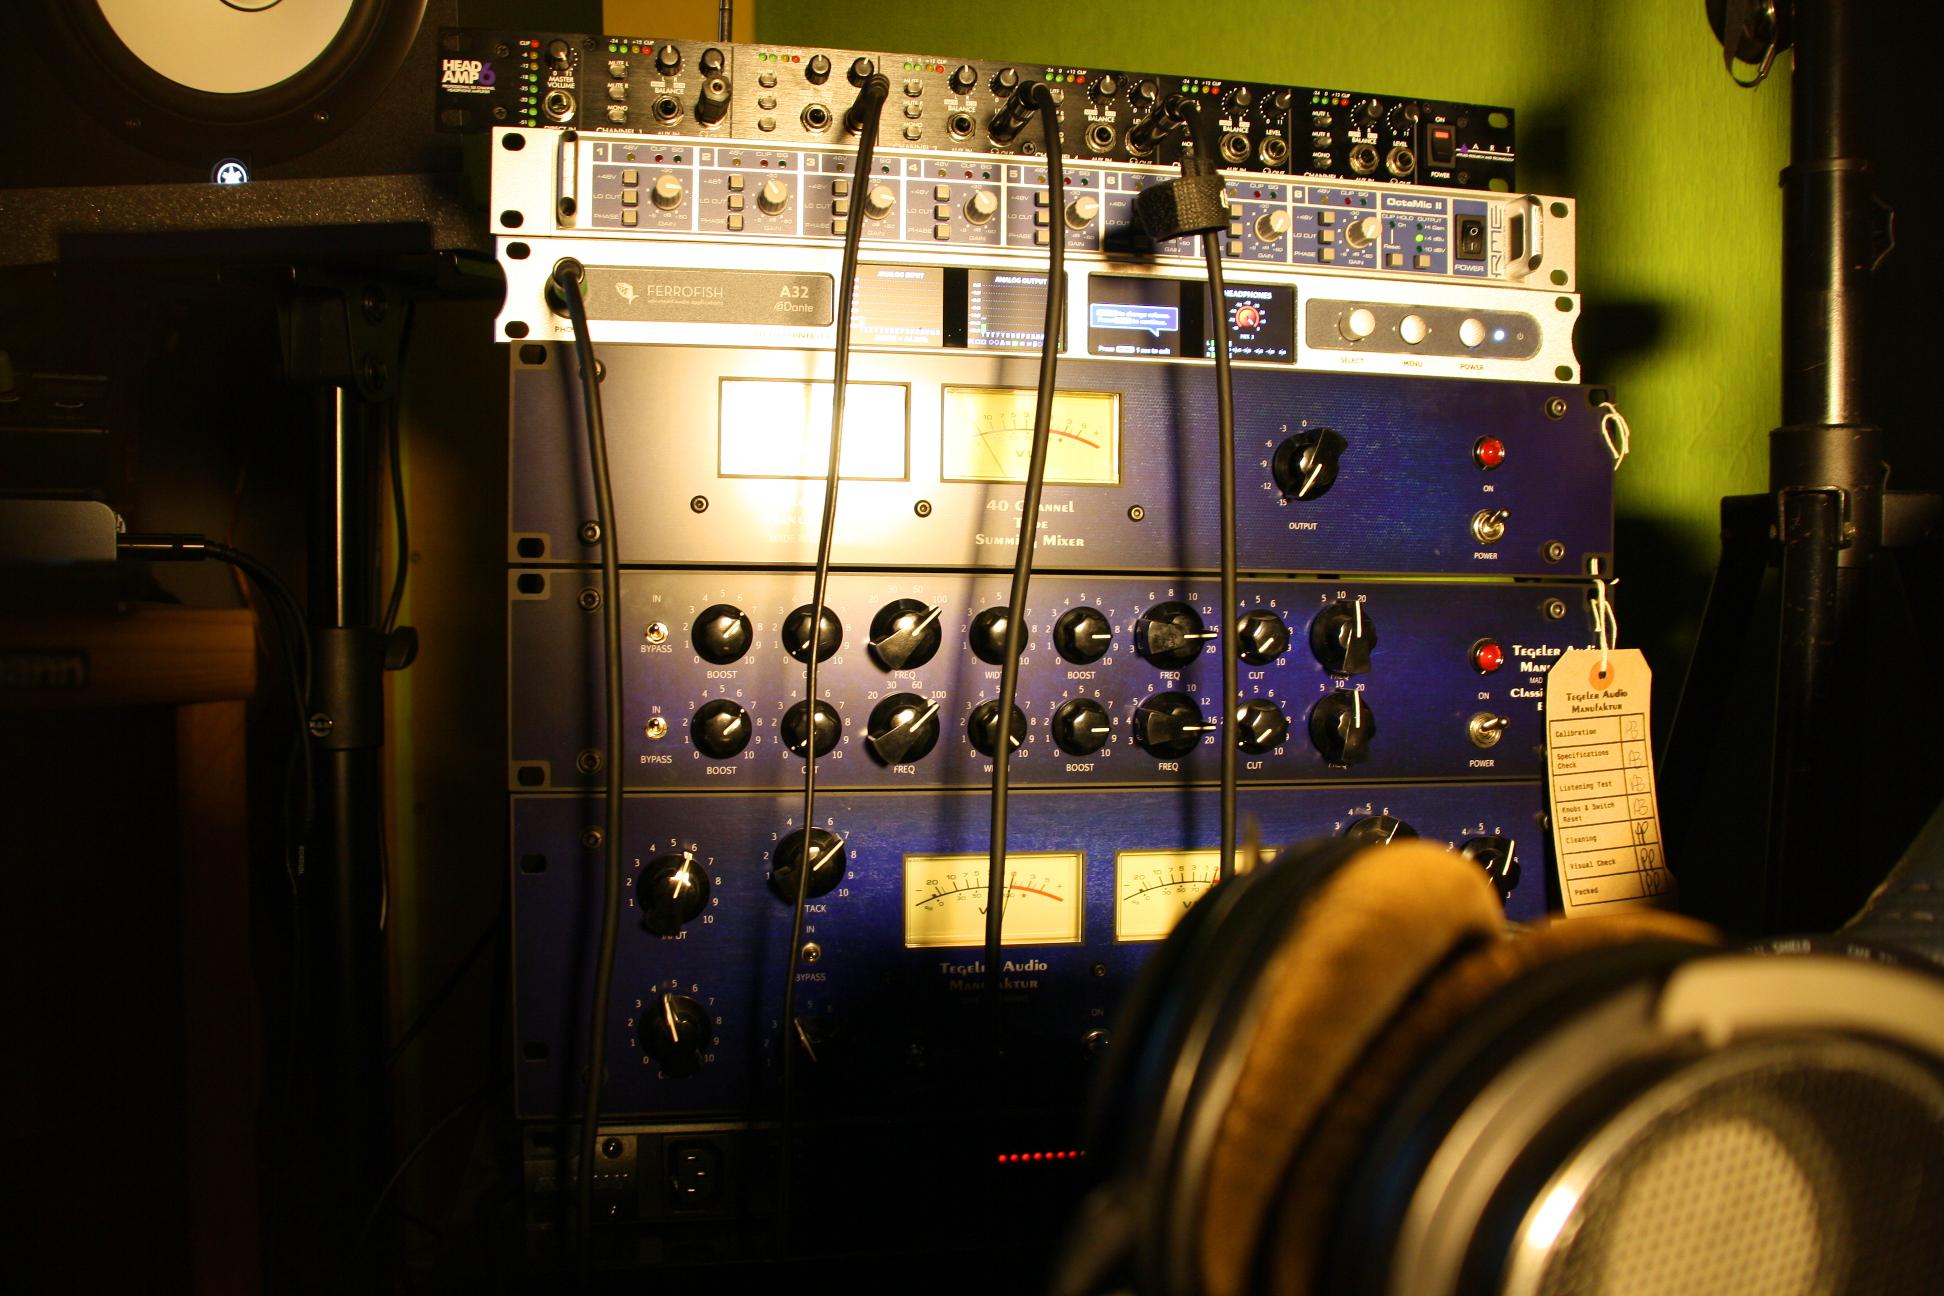 Tonstudio Audiospektrum analoge Kette